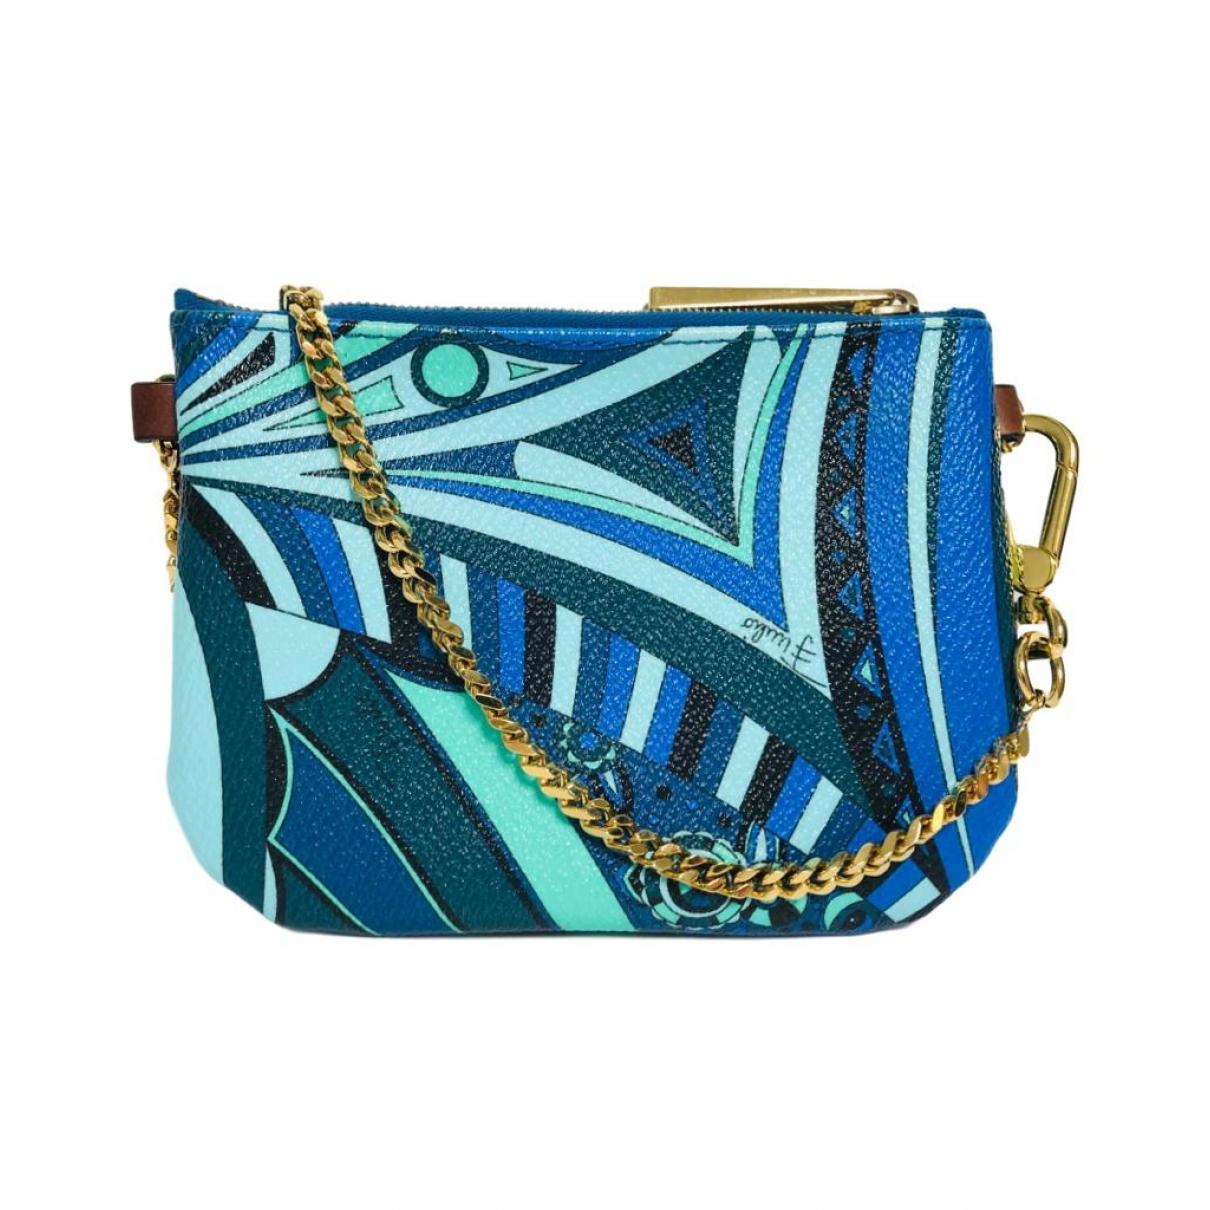 Emilio Pucci \N Blue Leather Clutch bag for Women \N